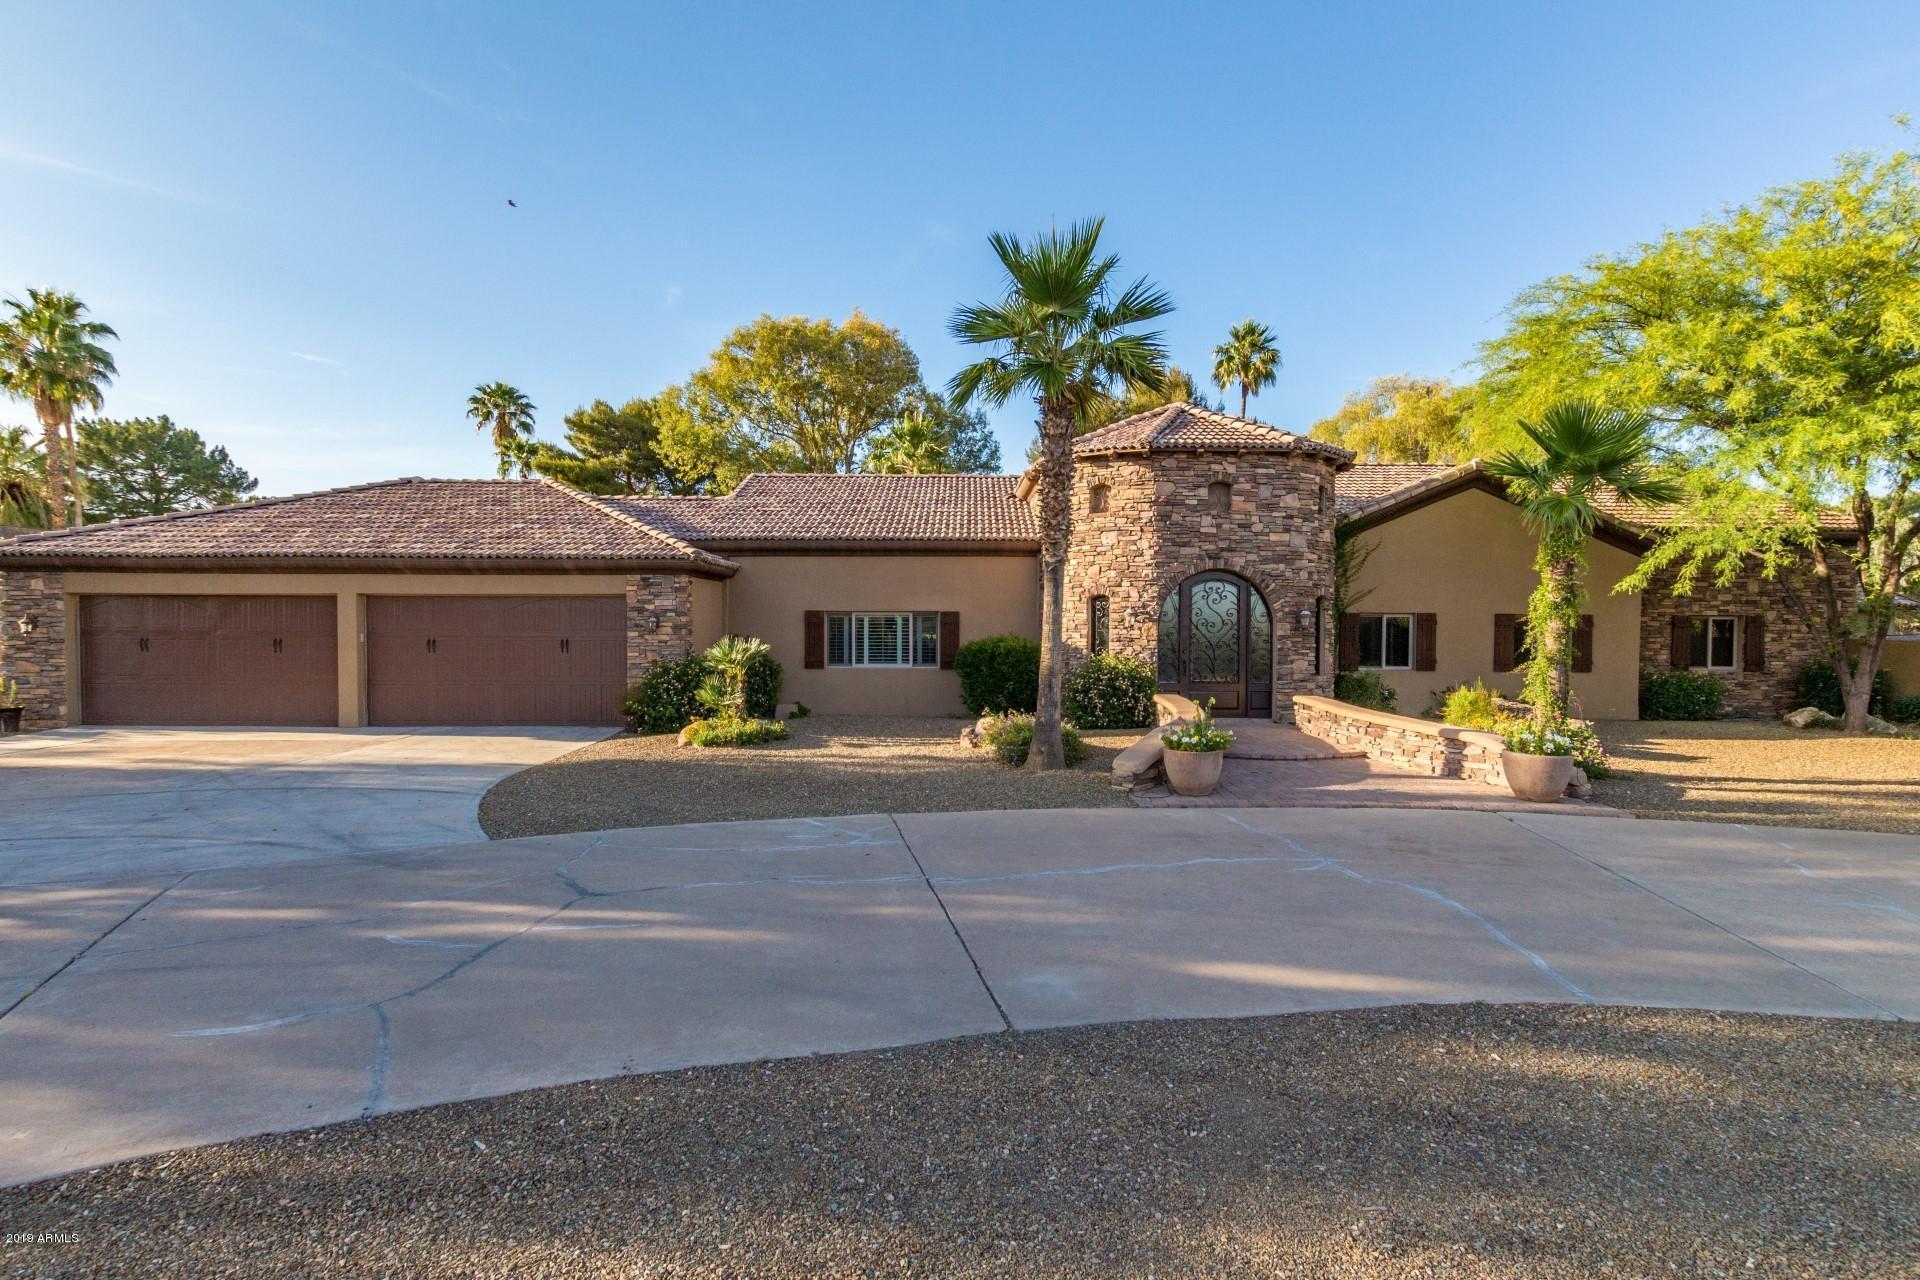 Photo of 5802 E SHEA Boulevard, Scottsdale, AZ 85254